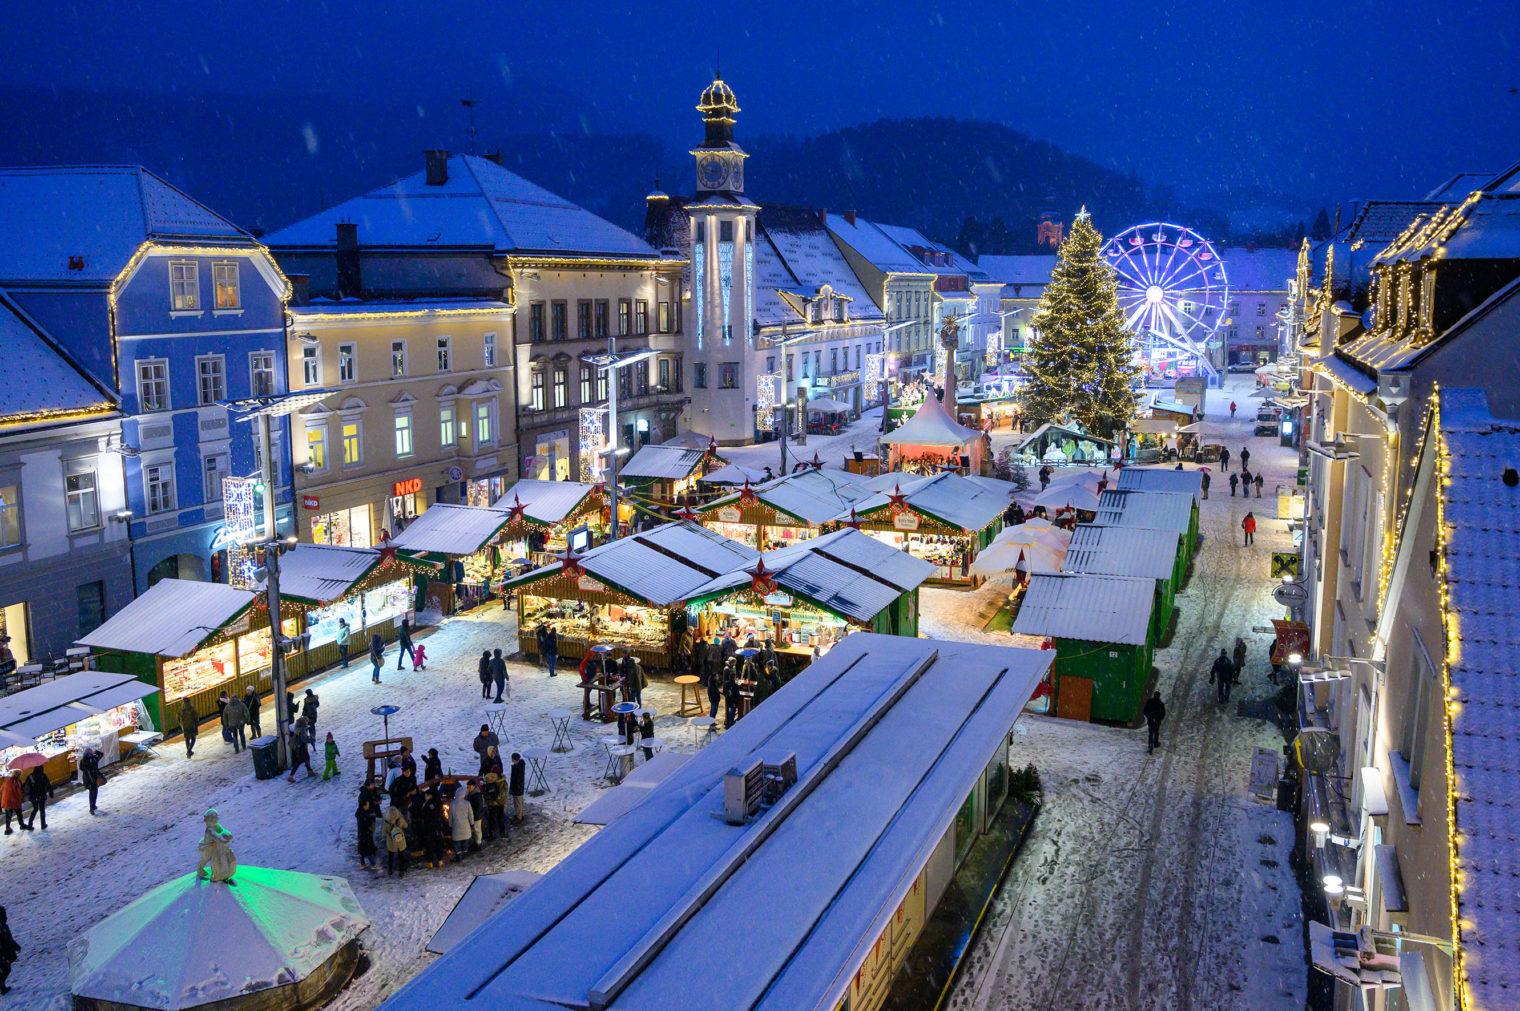 Weihnachtsdorf am Hauptplatz Leoben im Schnee